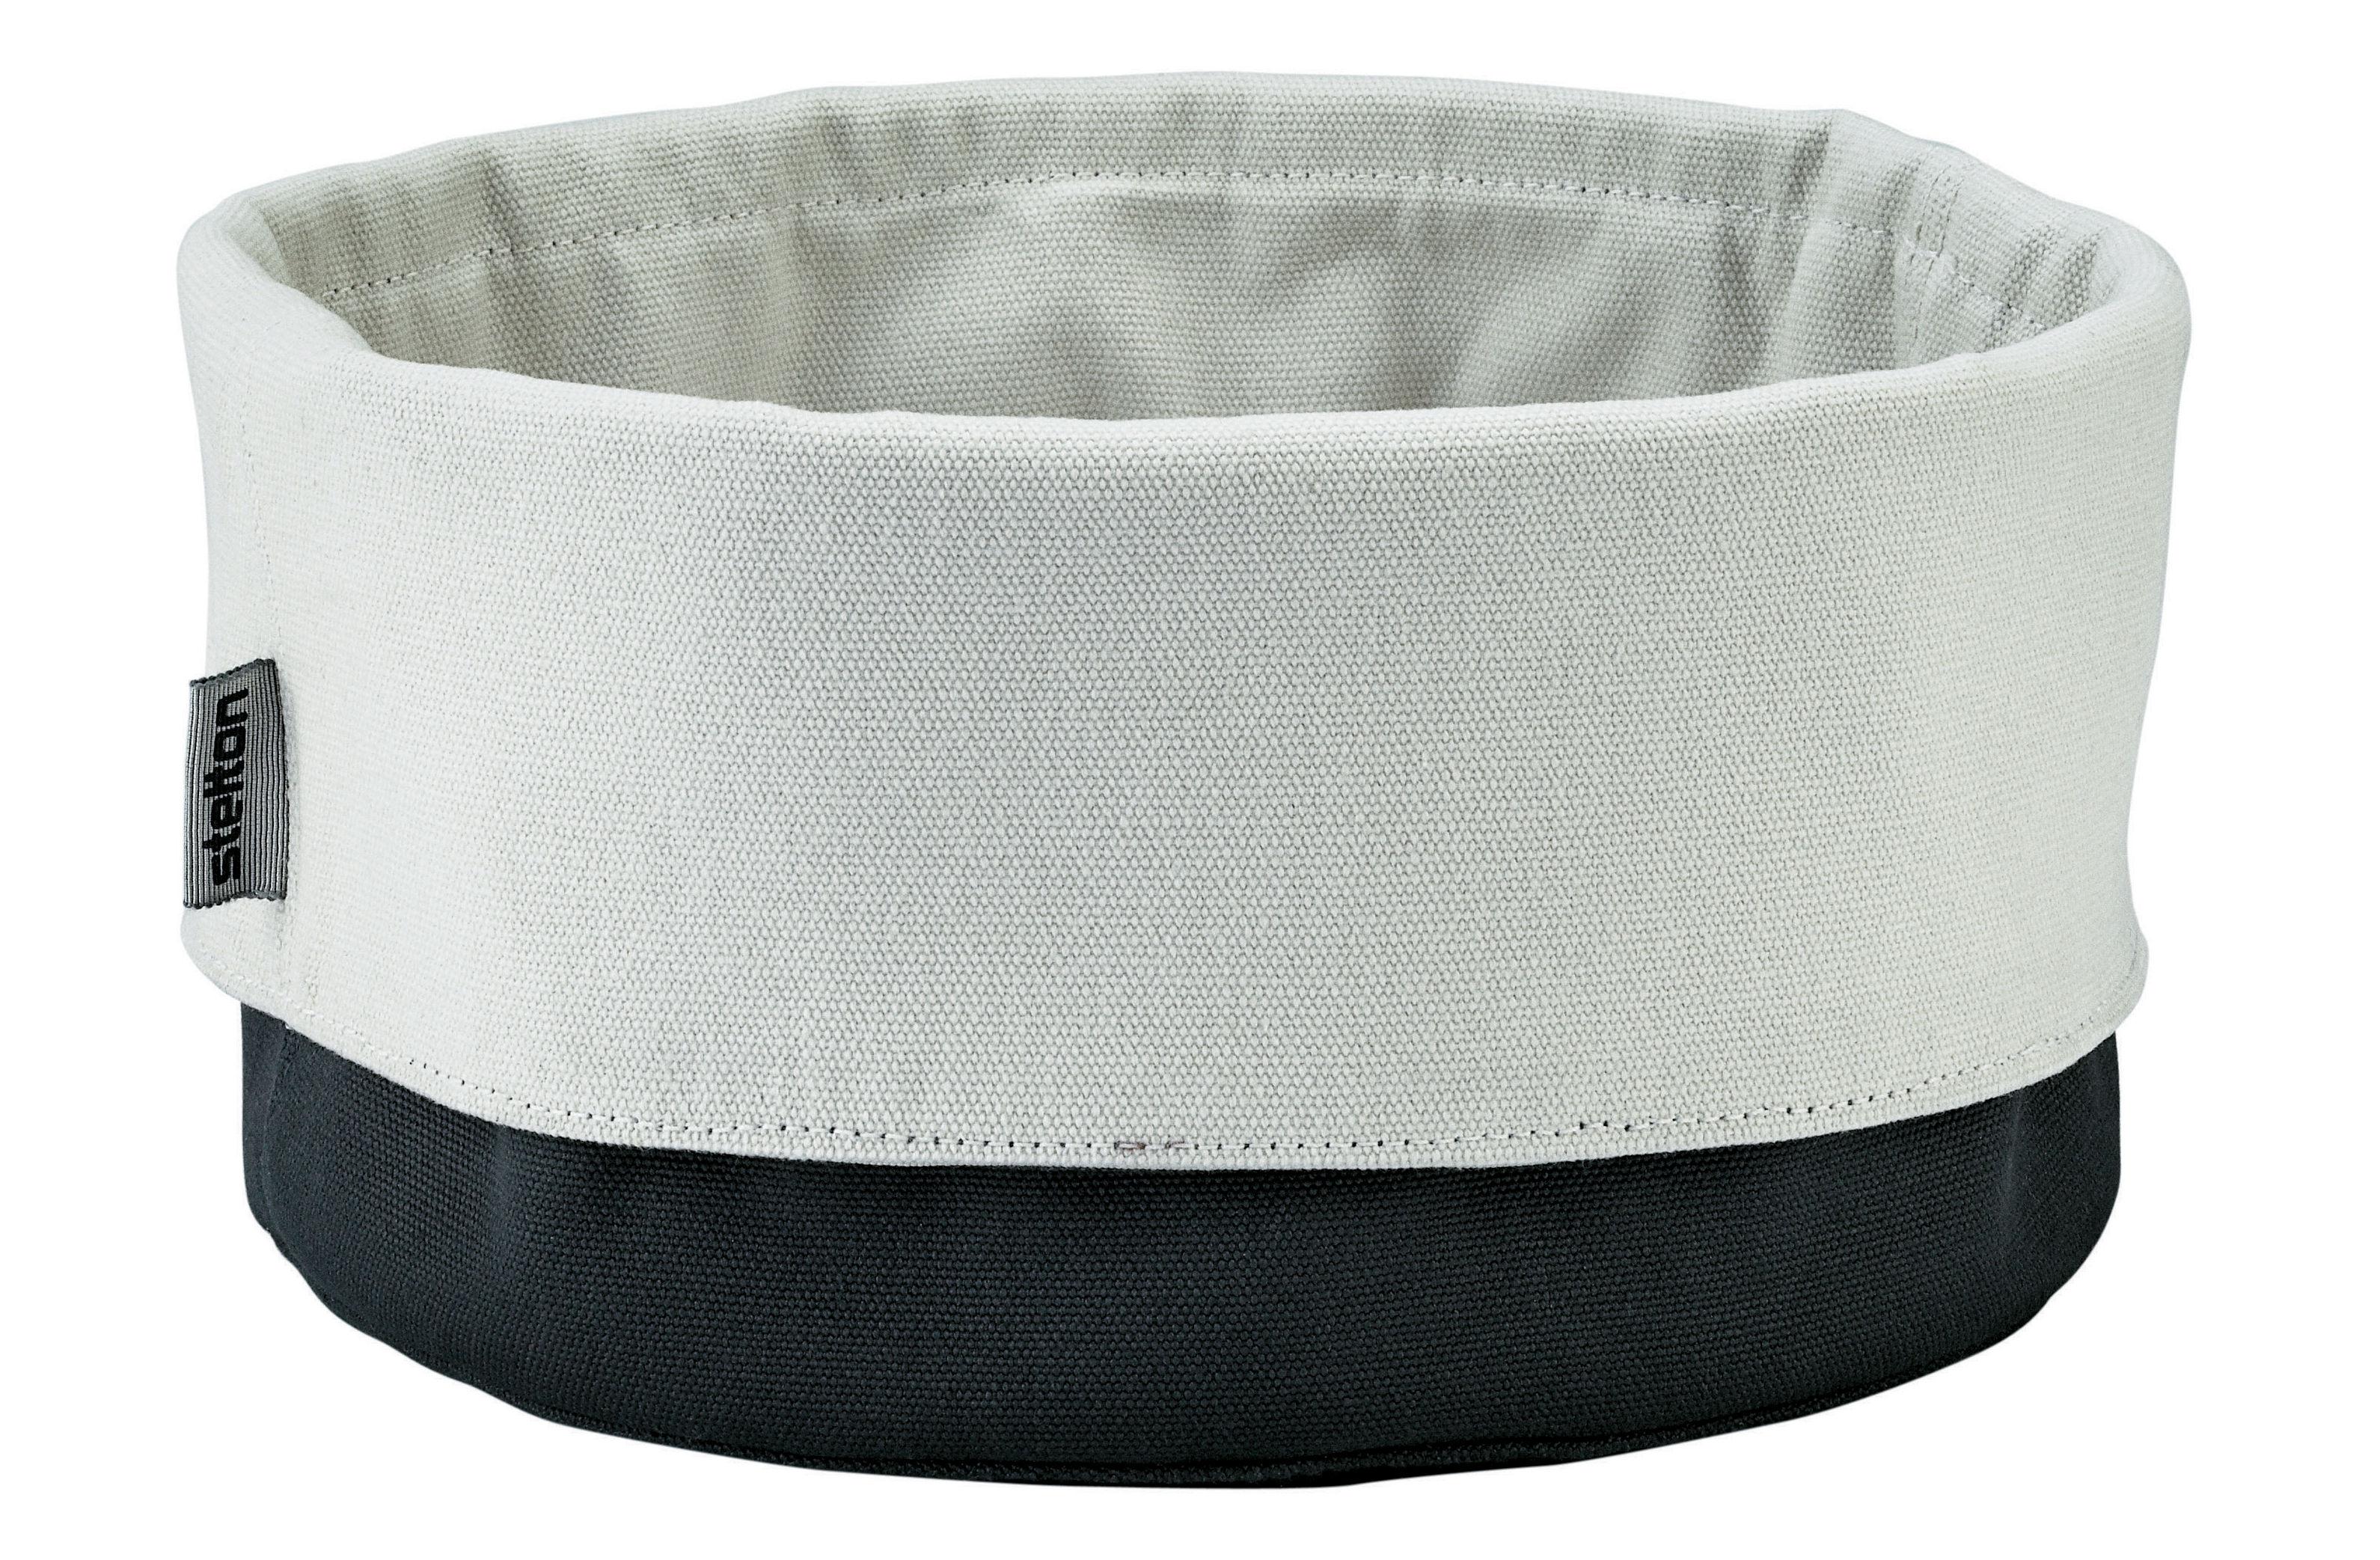 Tischkultur - Körbe, Fruchtkörbe und Tischgestecke - Bread Bag Brotkorb - Stelton - Schwarz / sandfarben - Coton biologique